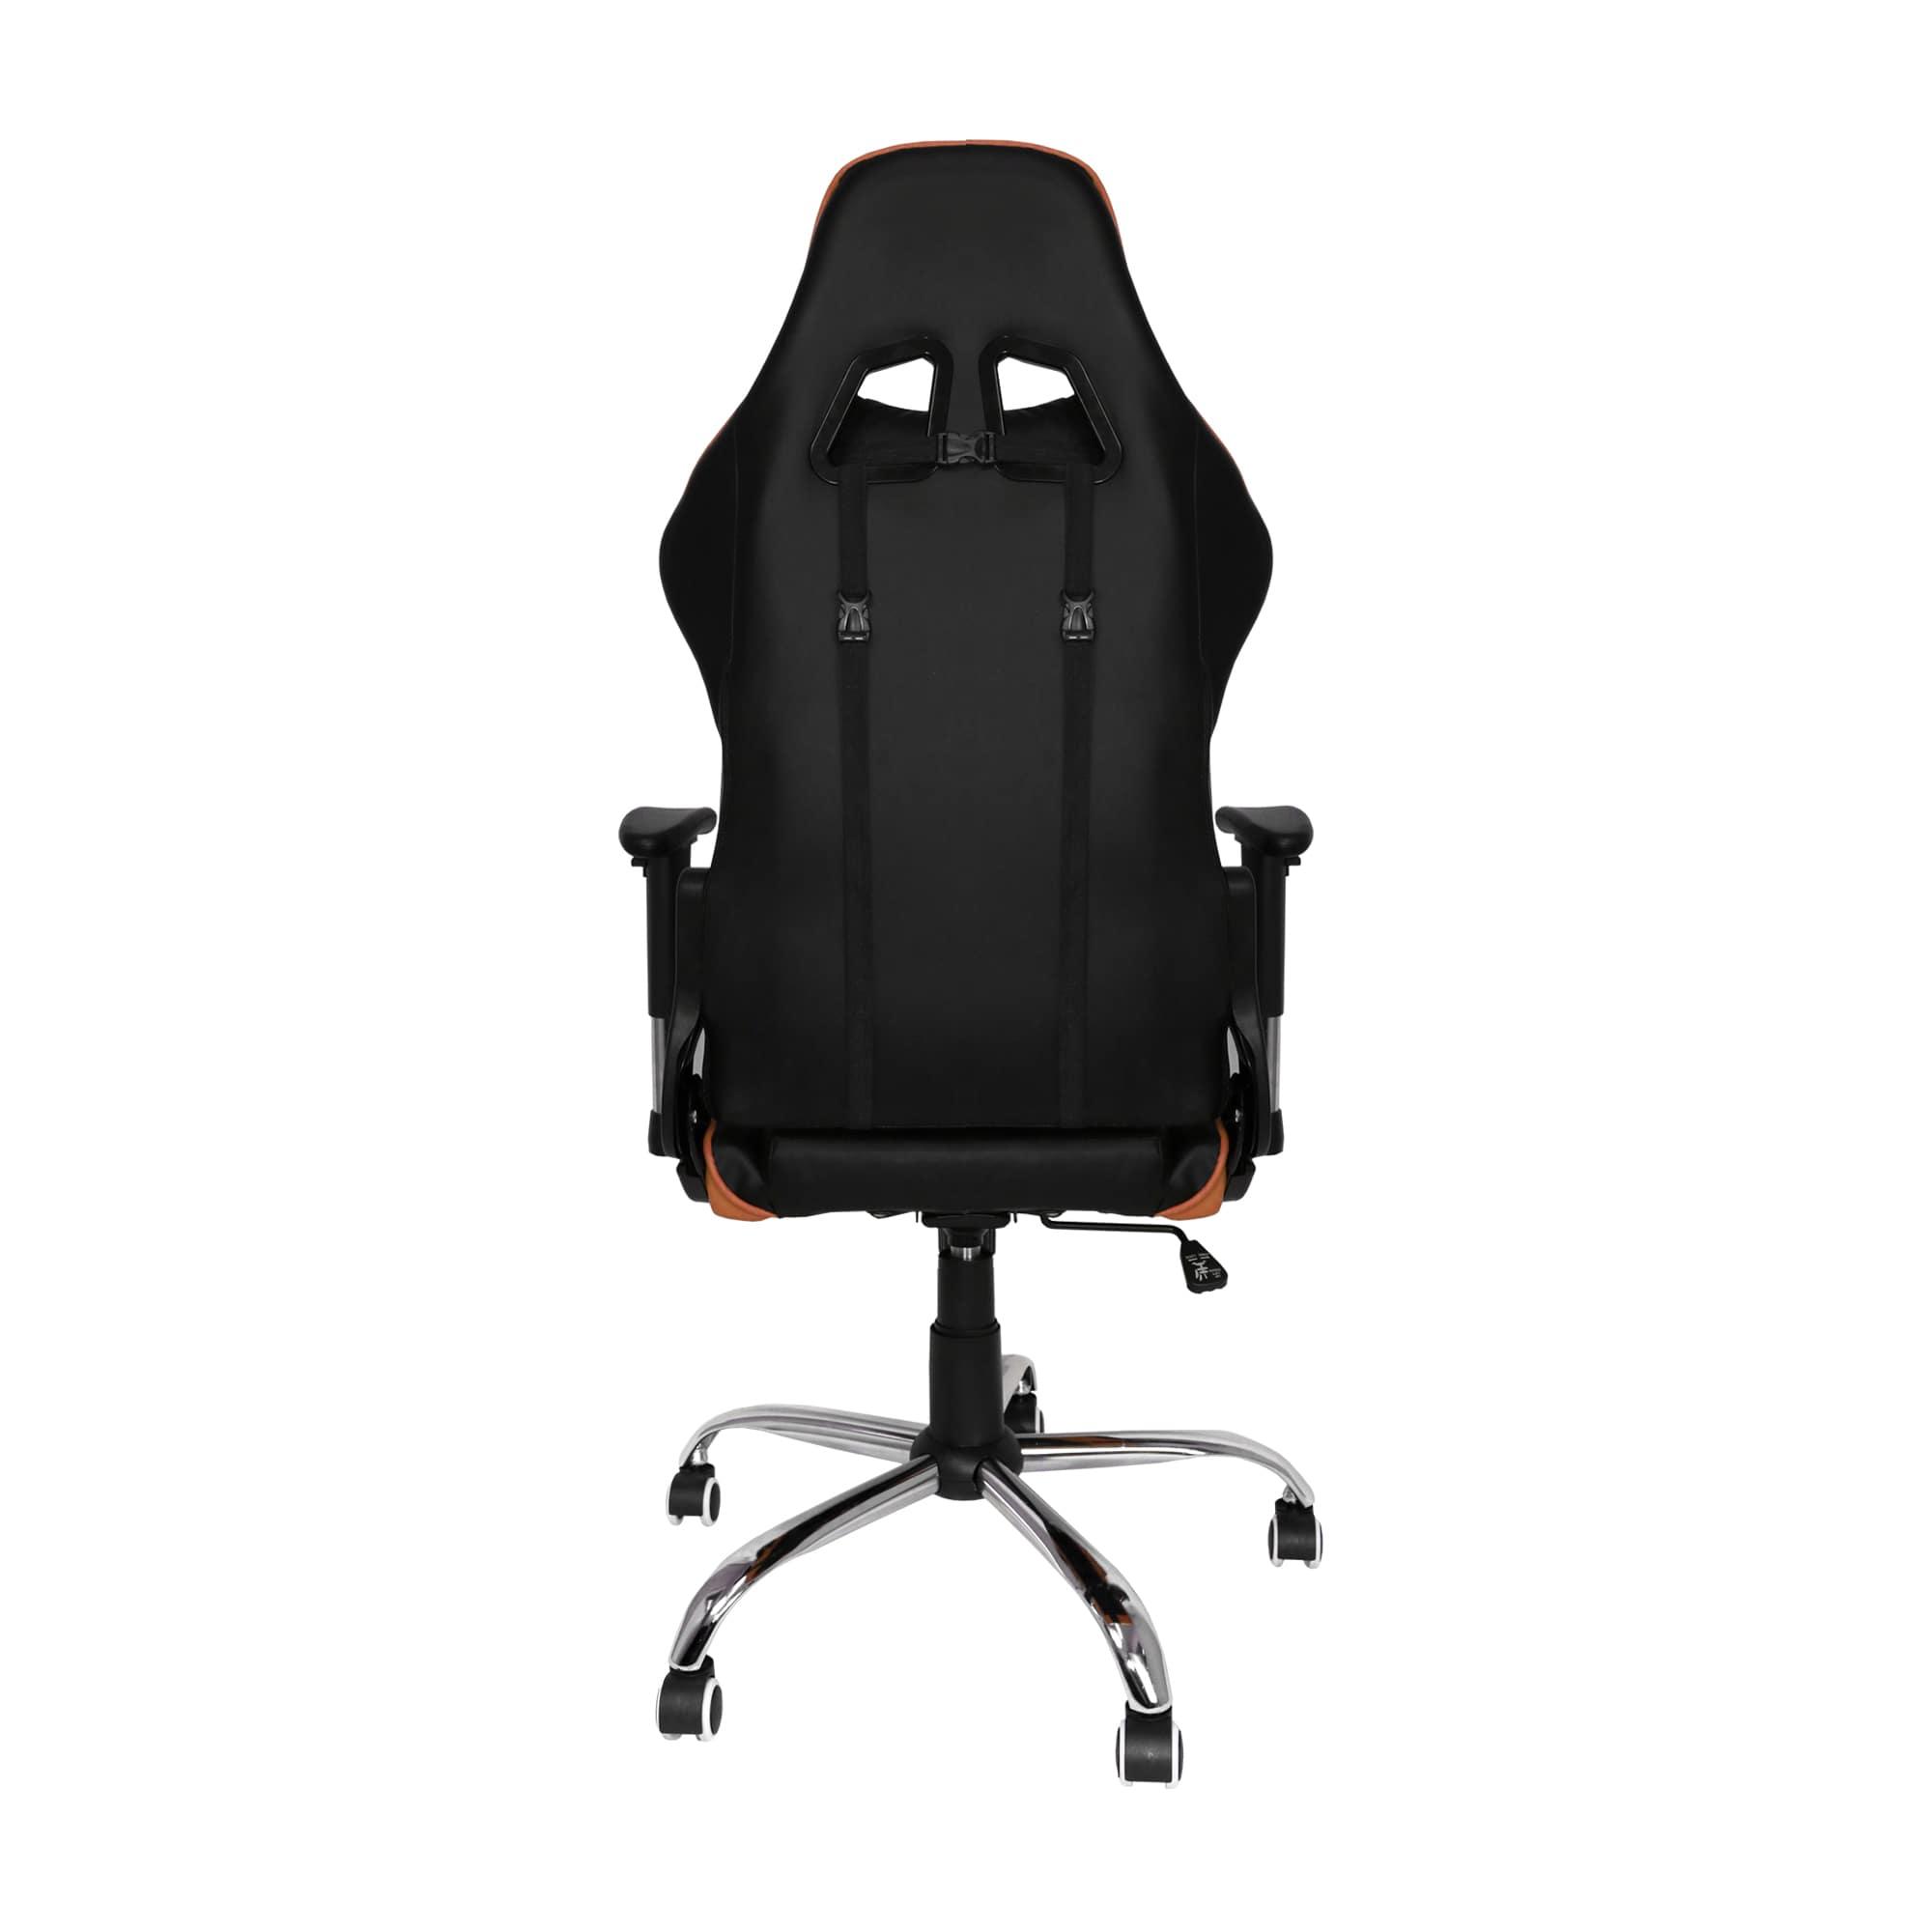 Cadeira Gamer Bluecase Titanium BCH-21OBK, Laranja e Preto, Reclinável.